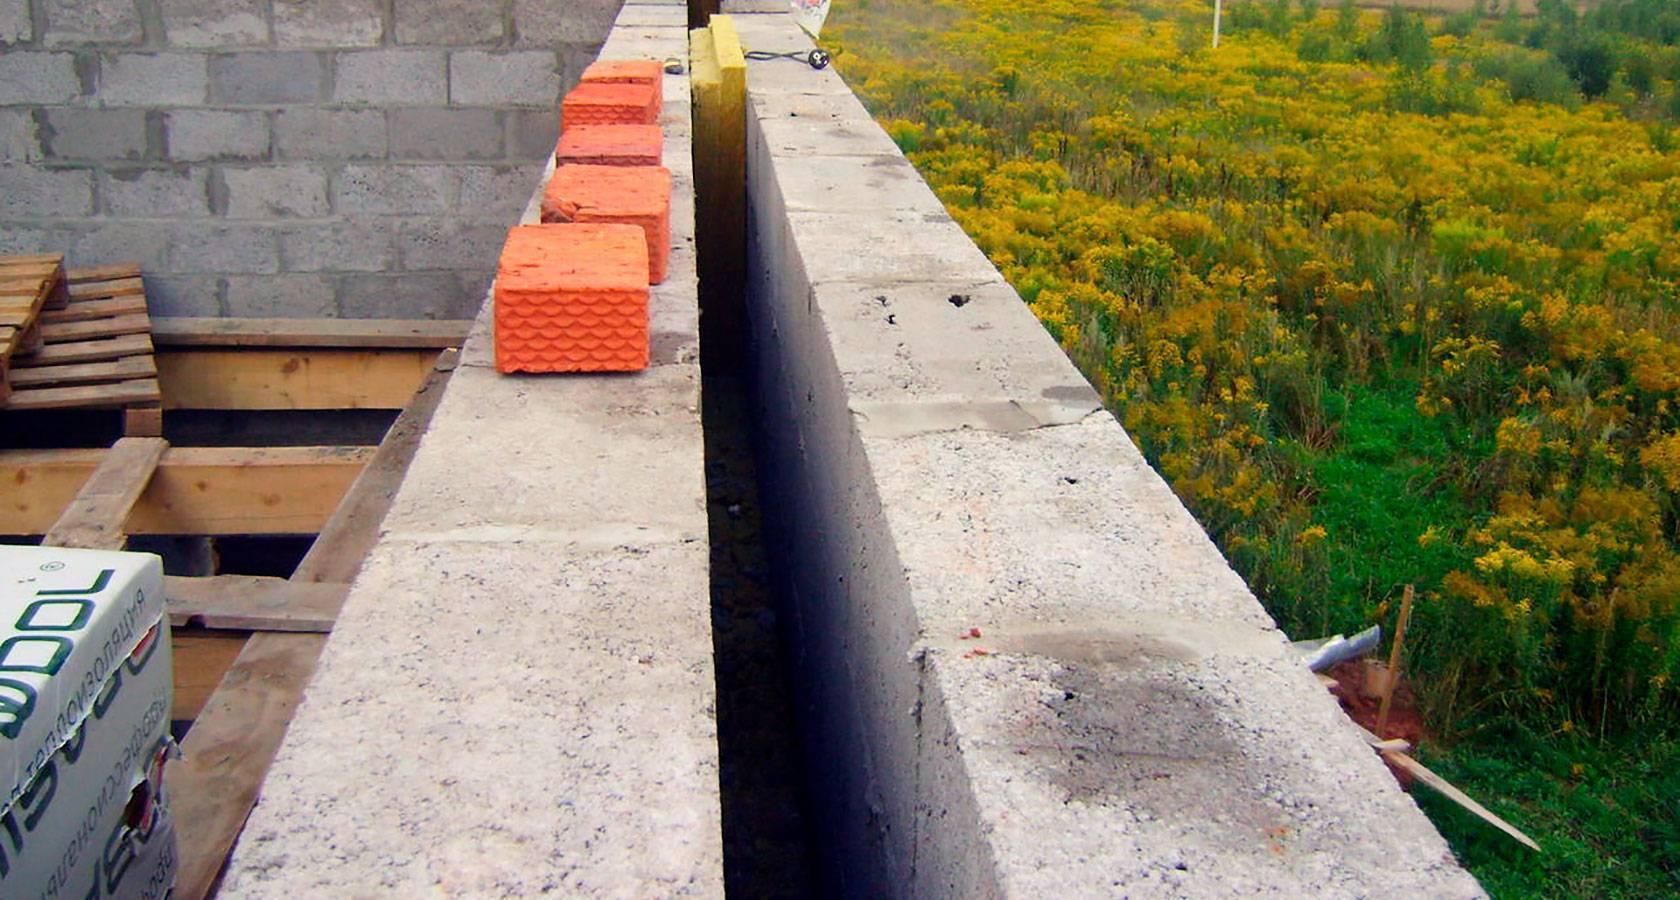 Кладка керамзитобетонных блоков своими руками: пошаговая инструкция. расход раствора на кладку керамзитобетонных блоков